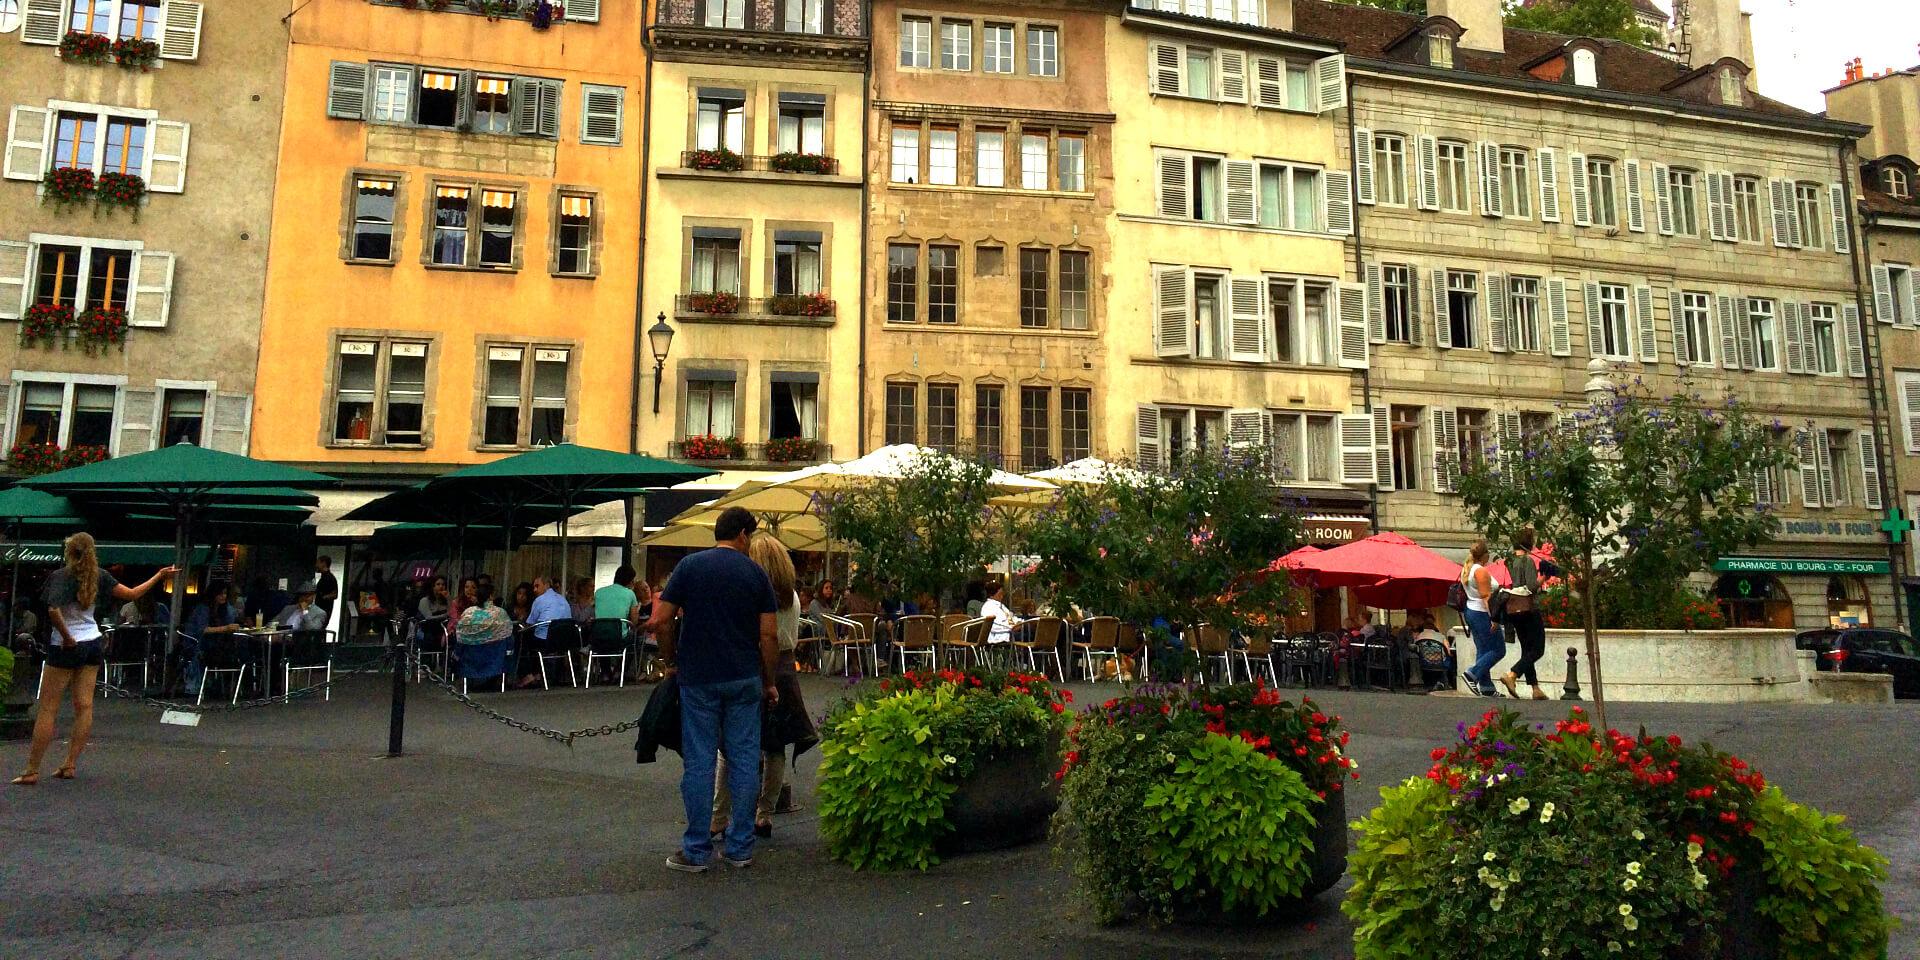 La Place du Bourg-de-Four, la plus ancienne de Genève, Suisse.